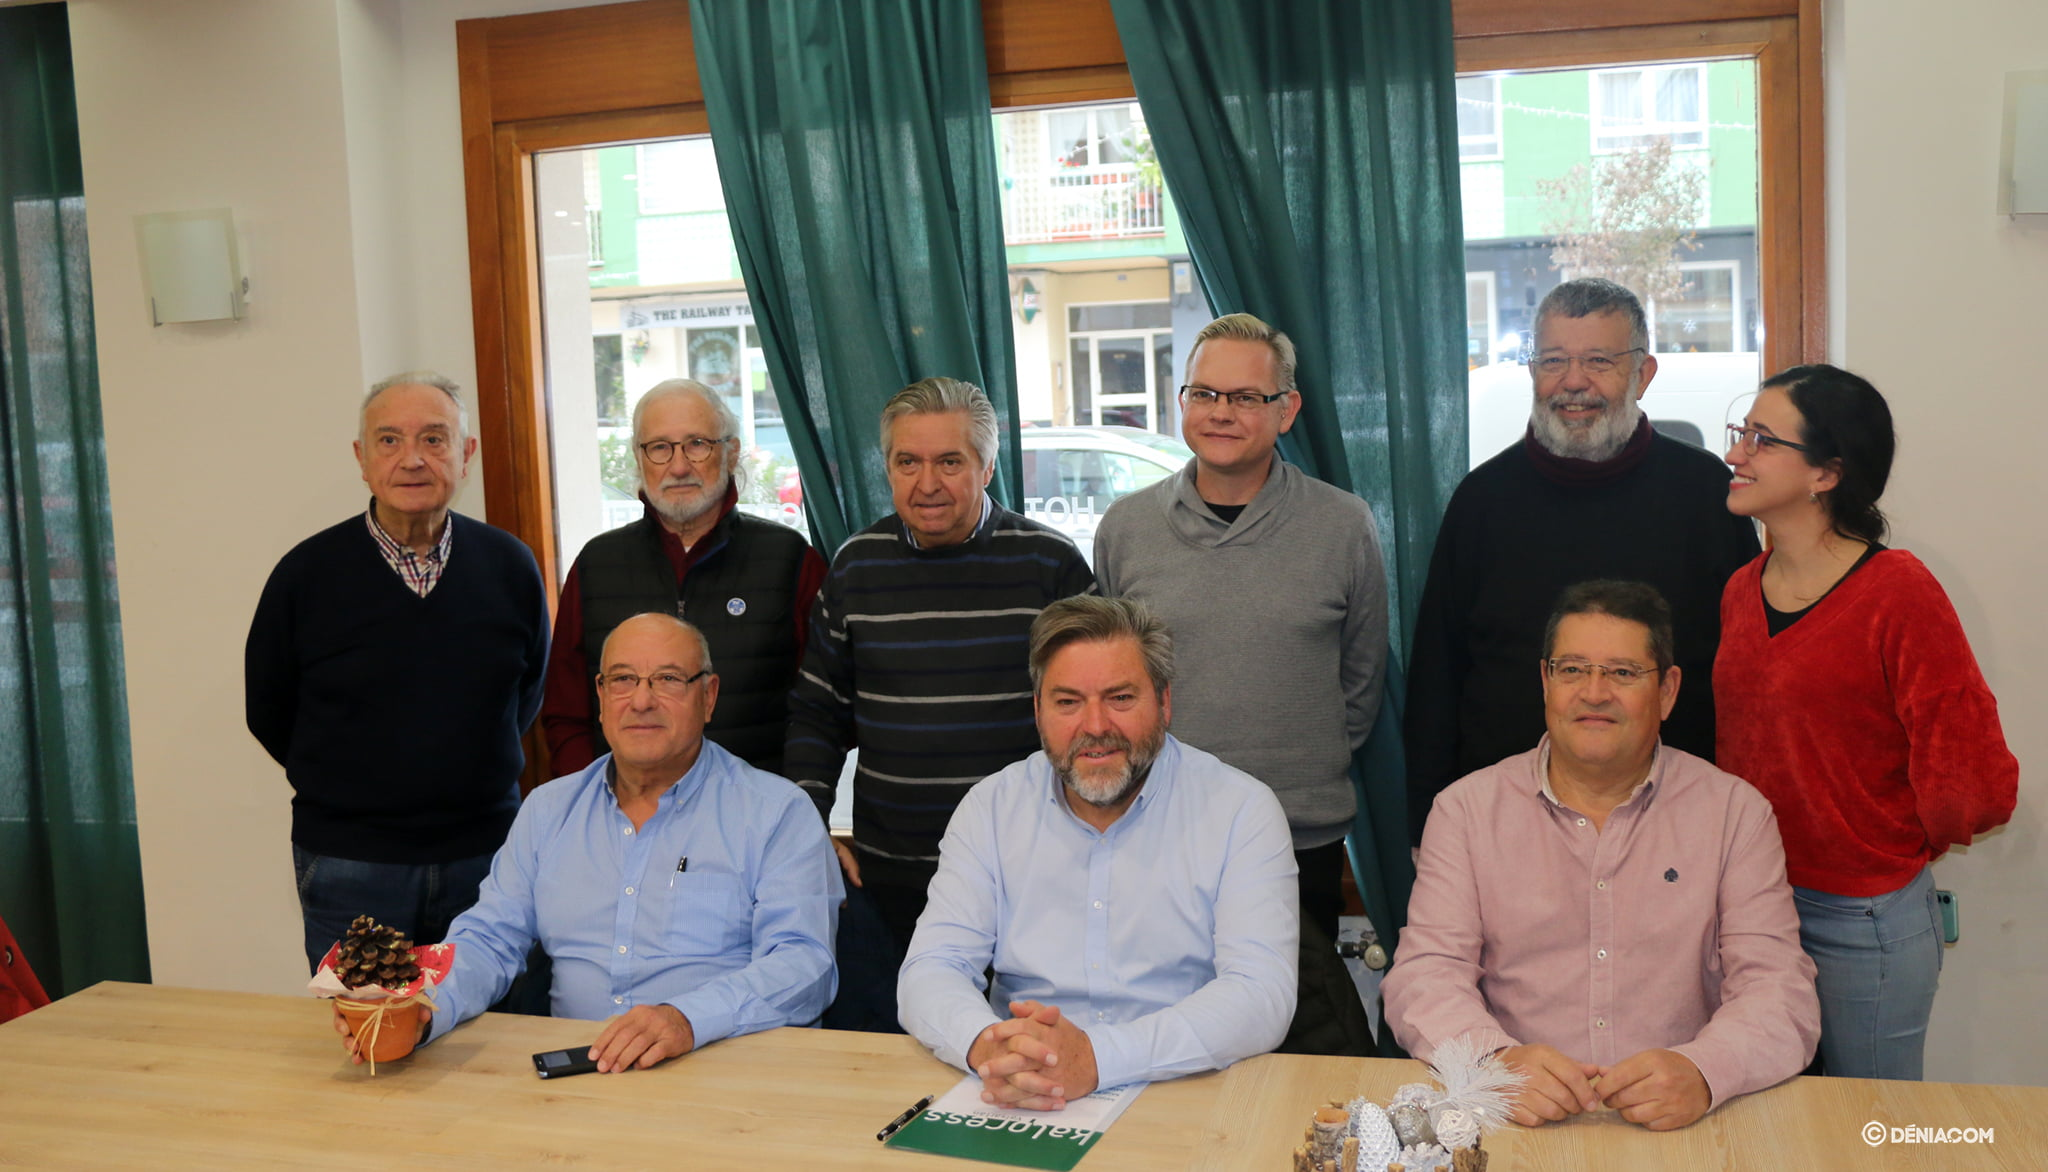 Representants de Compromís per Dénia